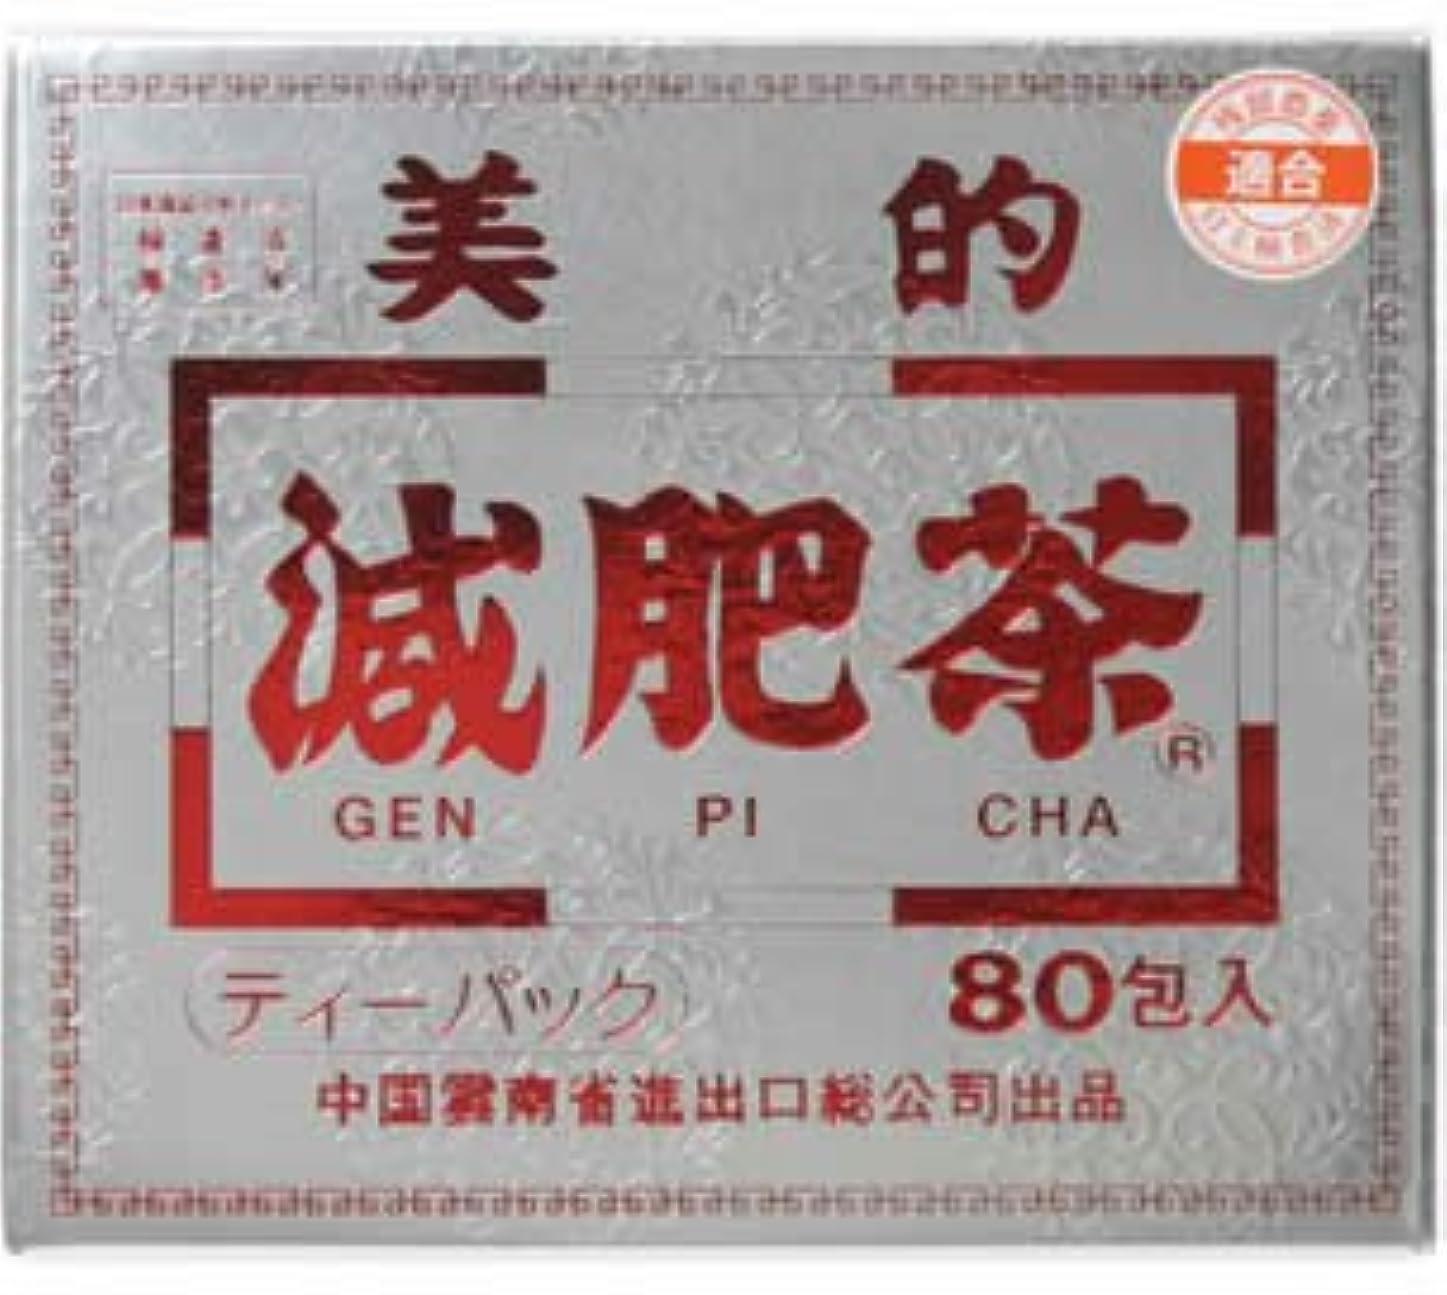 リルミンチ共同選択ユーワ 美的減肥茶 3g×80包